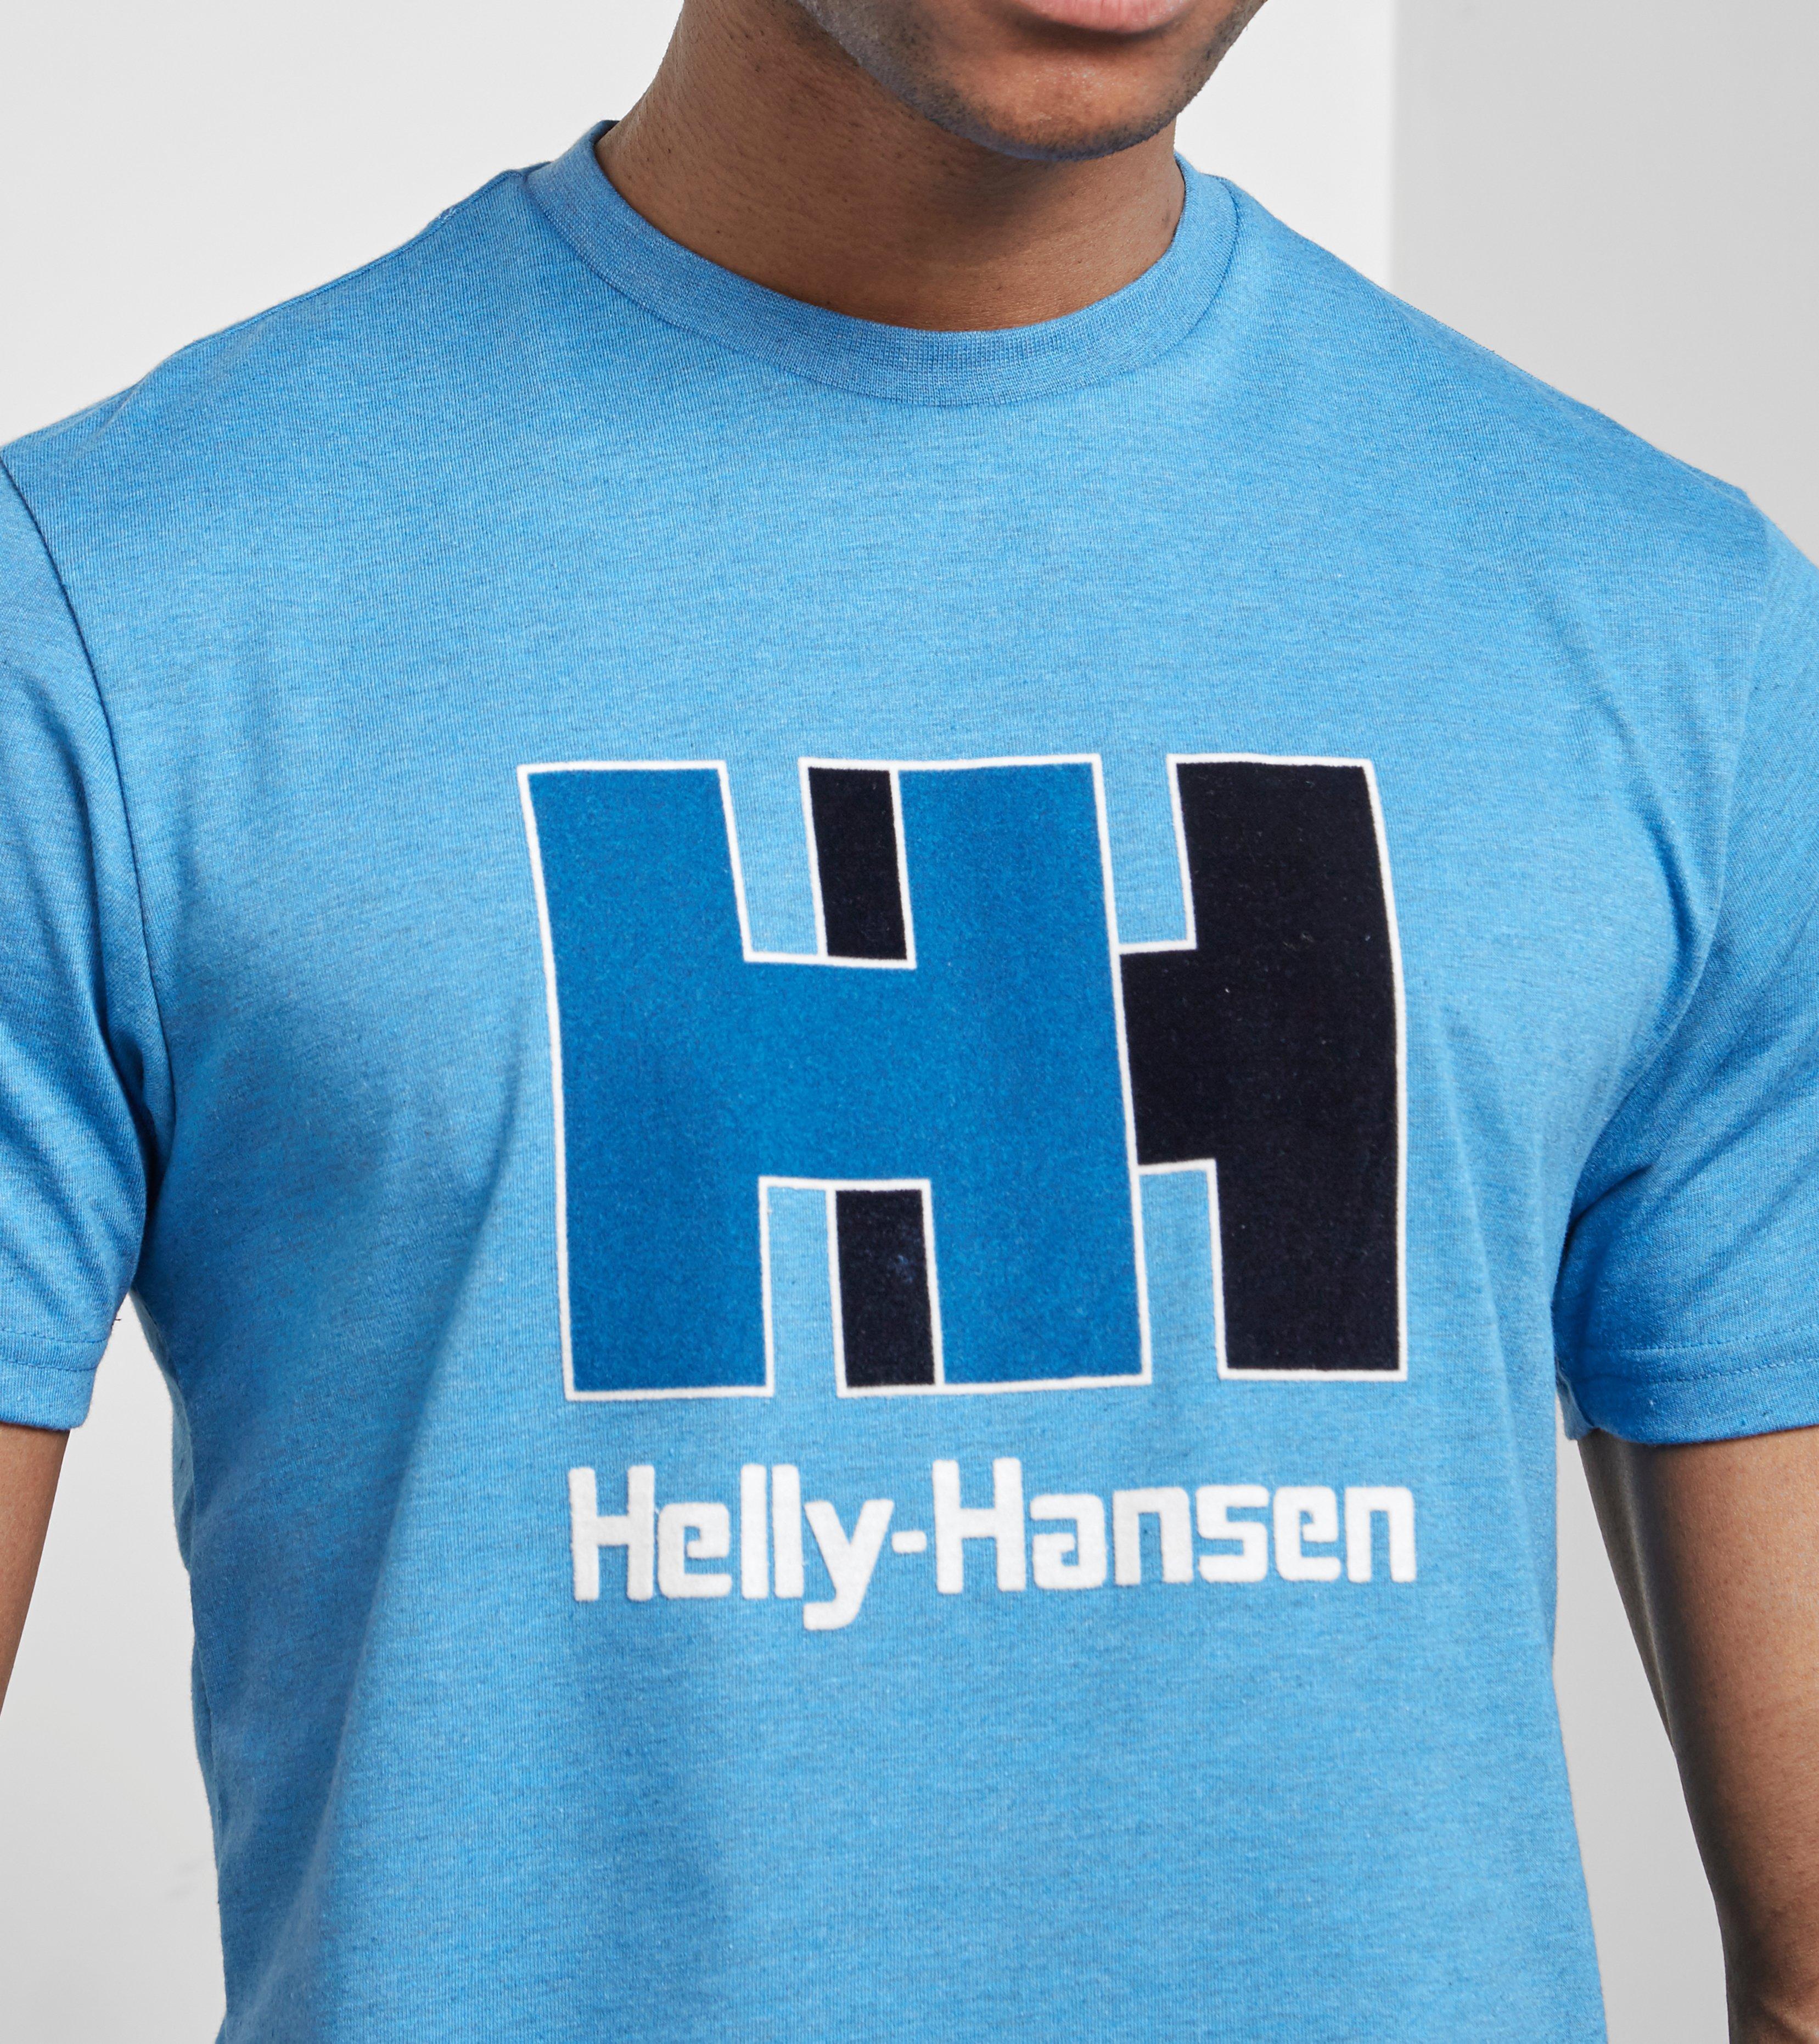 więcej zdjęć kod promocyjny wielka wyprzedaż Helly Hansen Cotton Hh Logo T-shirt in Blue for Men - Lyst